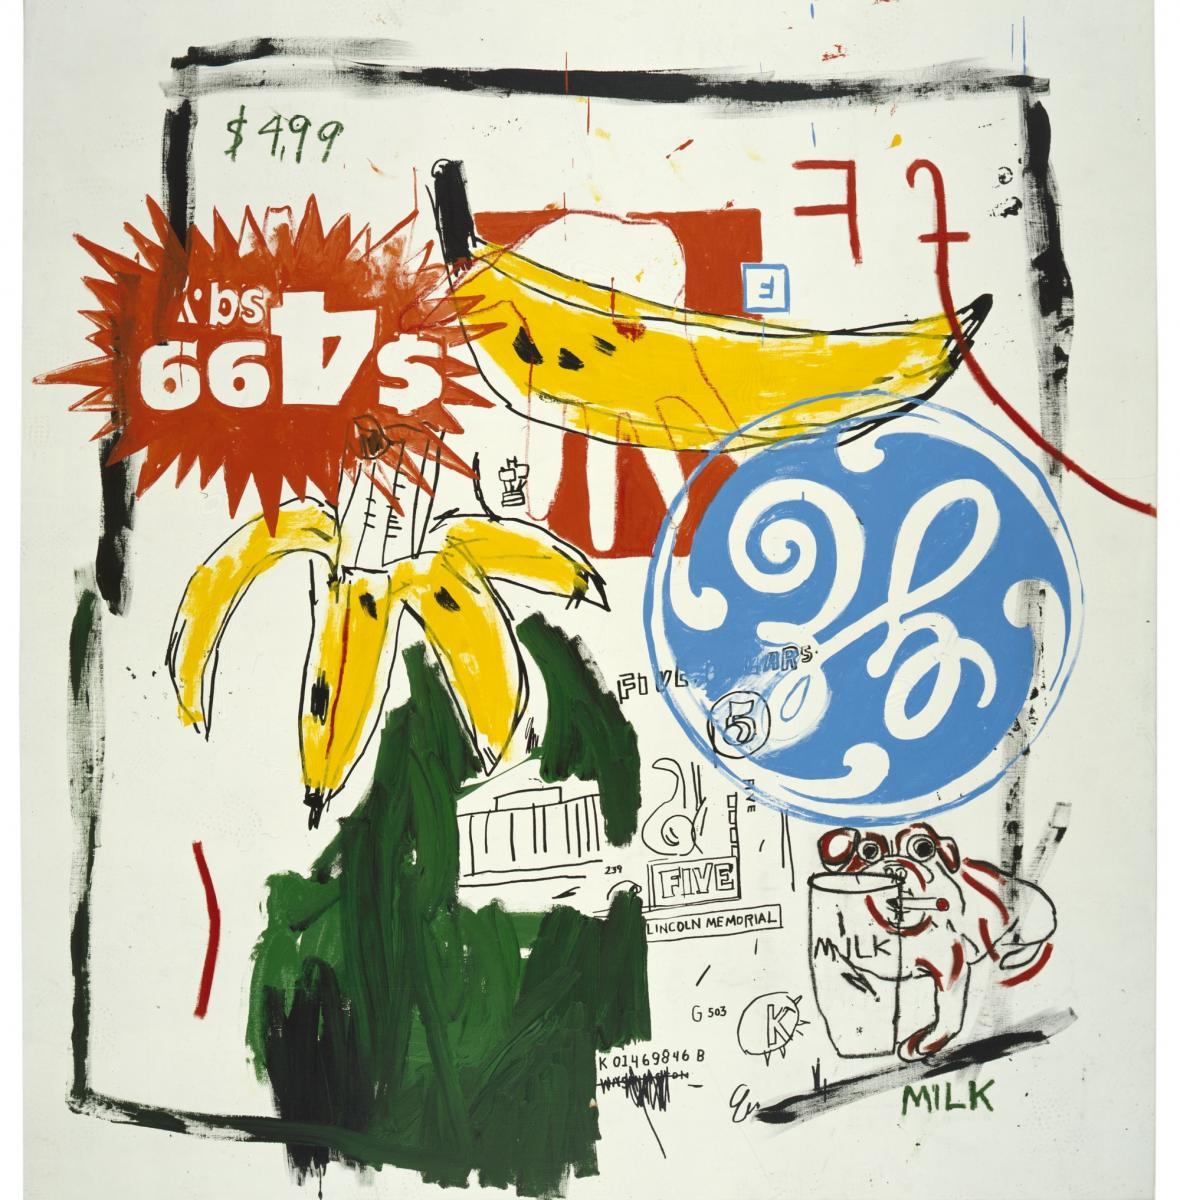 Andy Warhol, Jean-Michel Basquiat / Banány, 1985